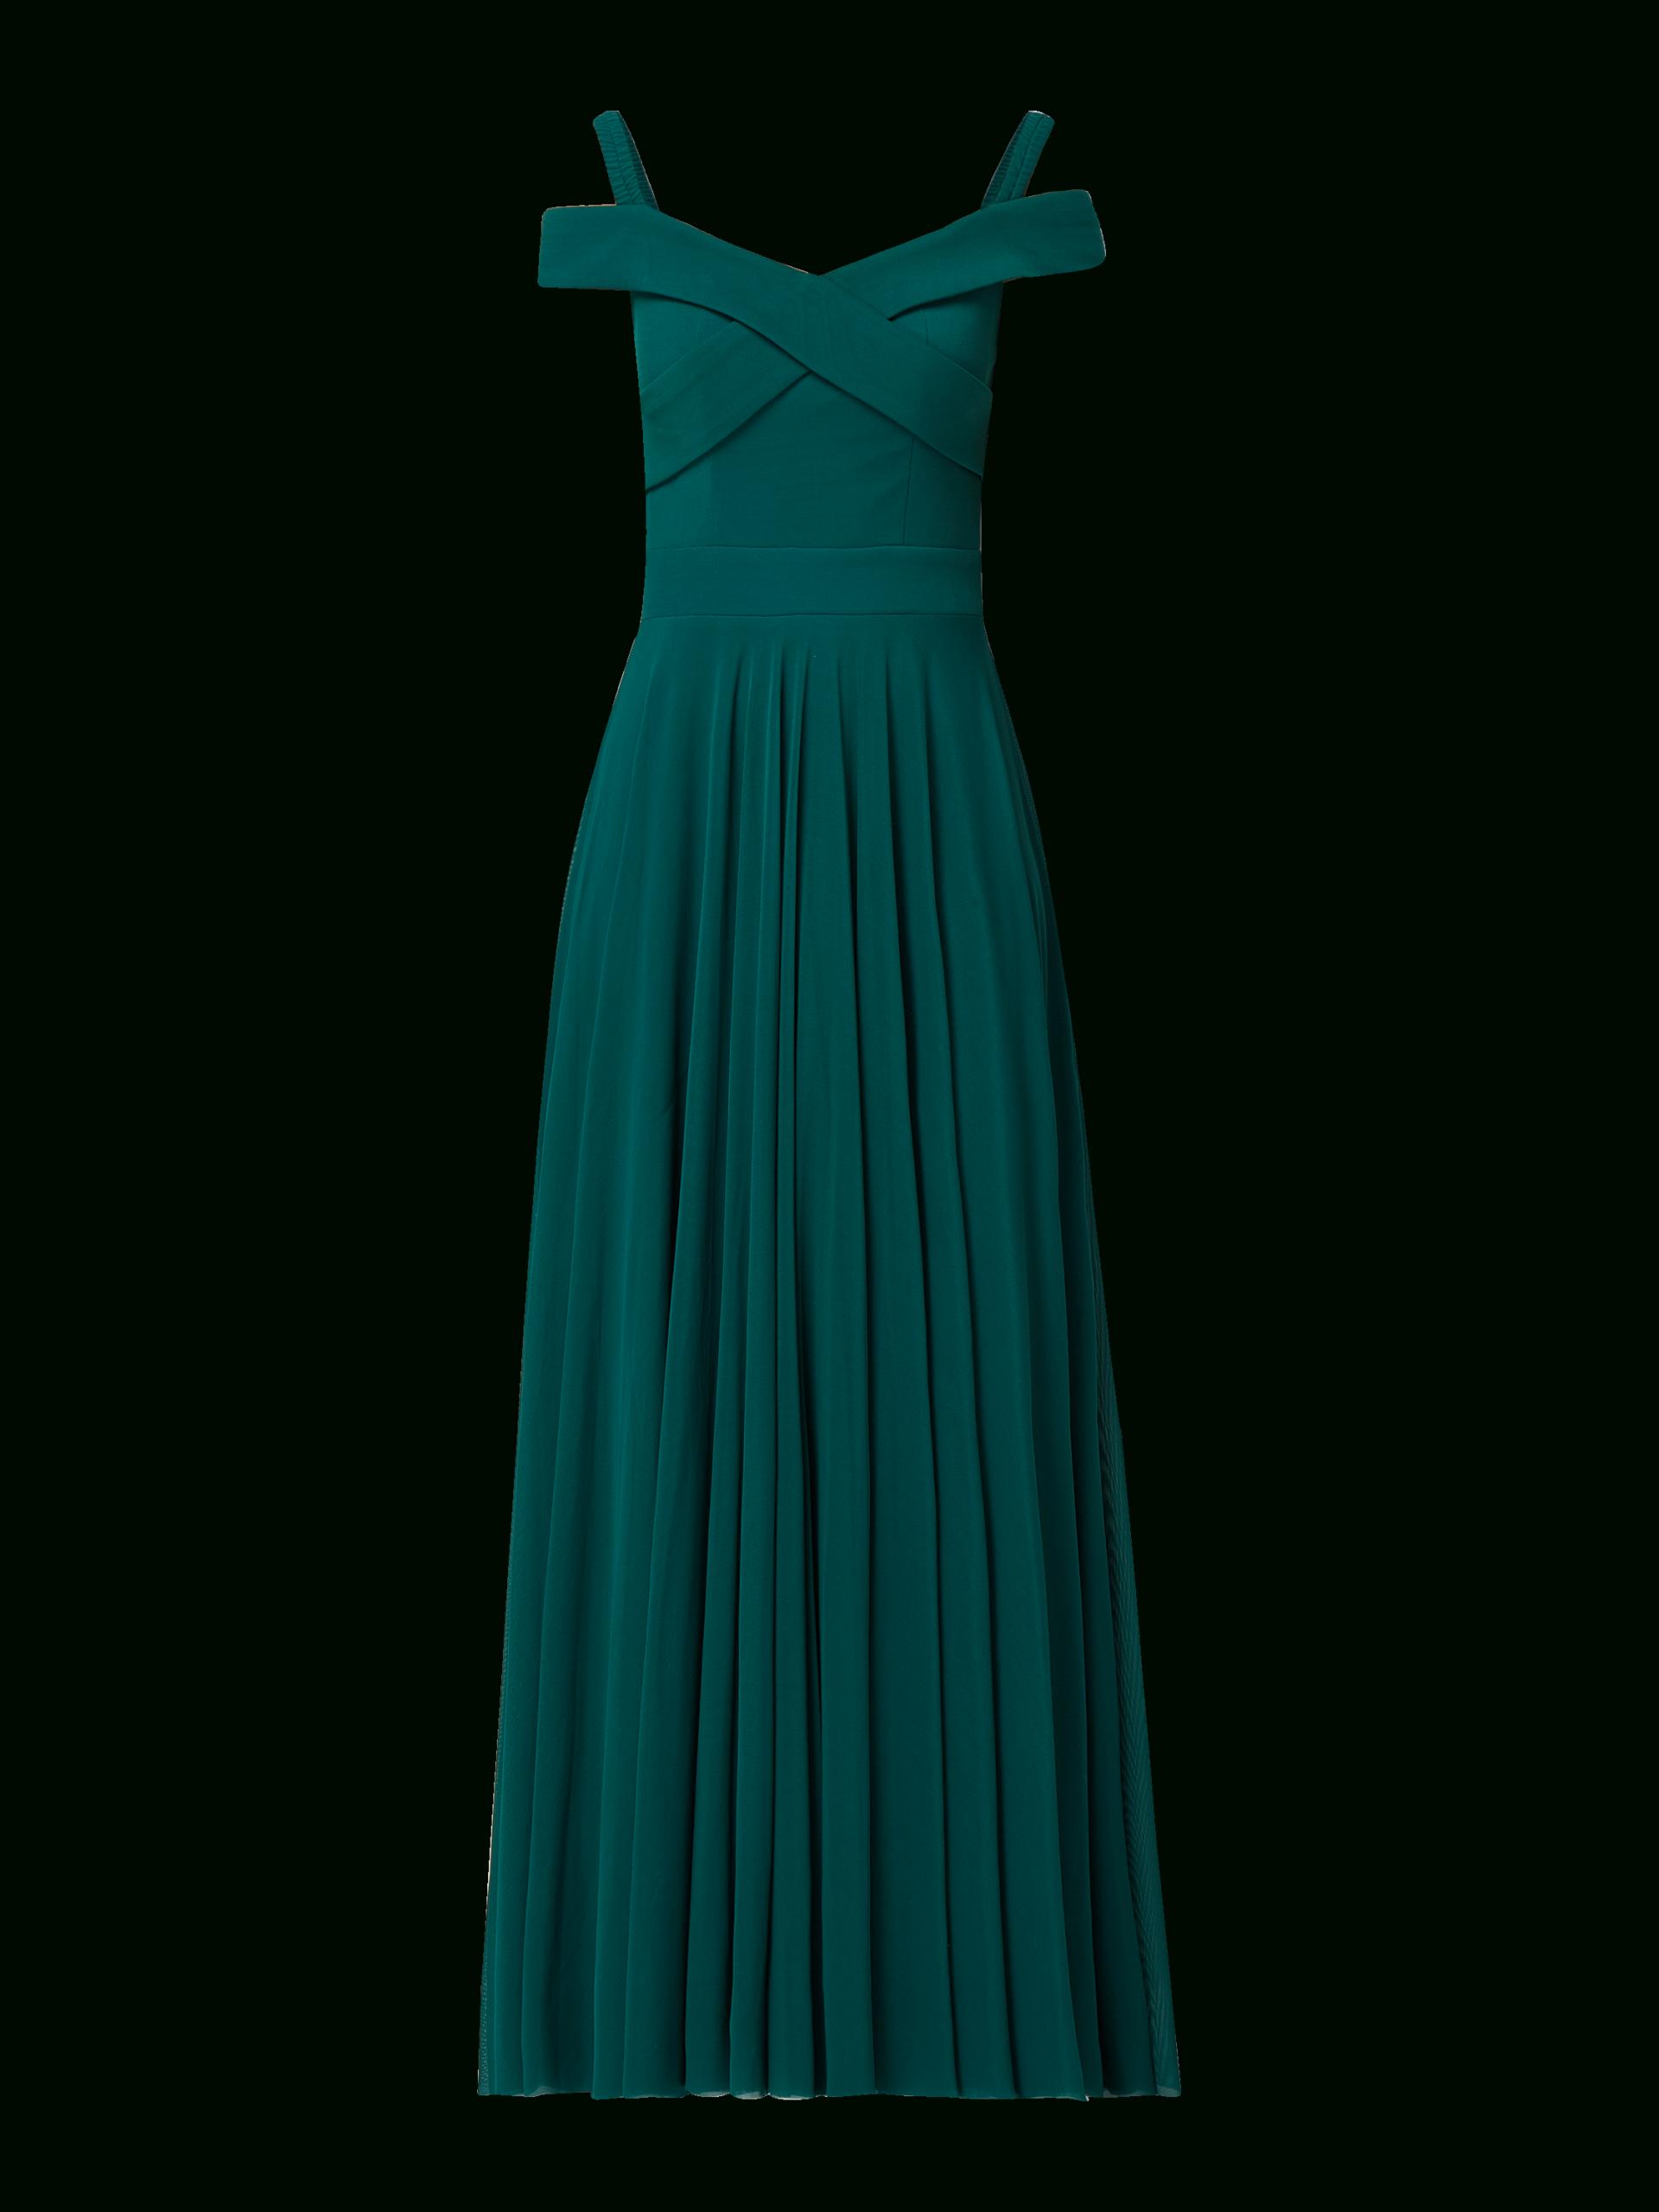 Abend Luxus Troyden Abendkleid für 2019Abend Einzigartig Troyden Abendkleid Galerie